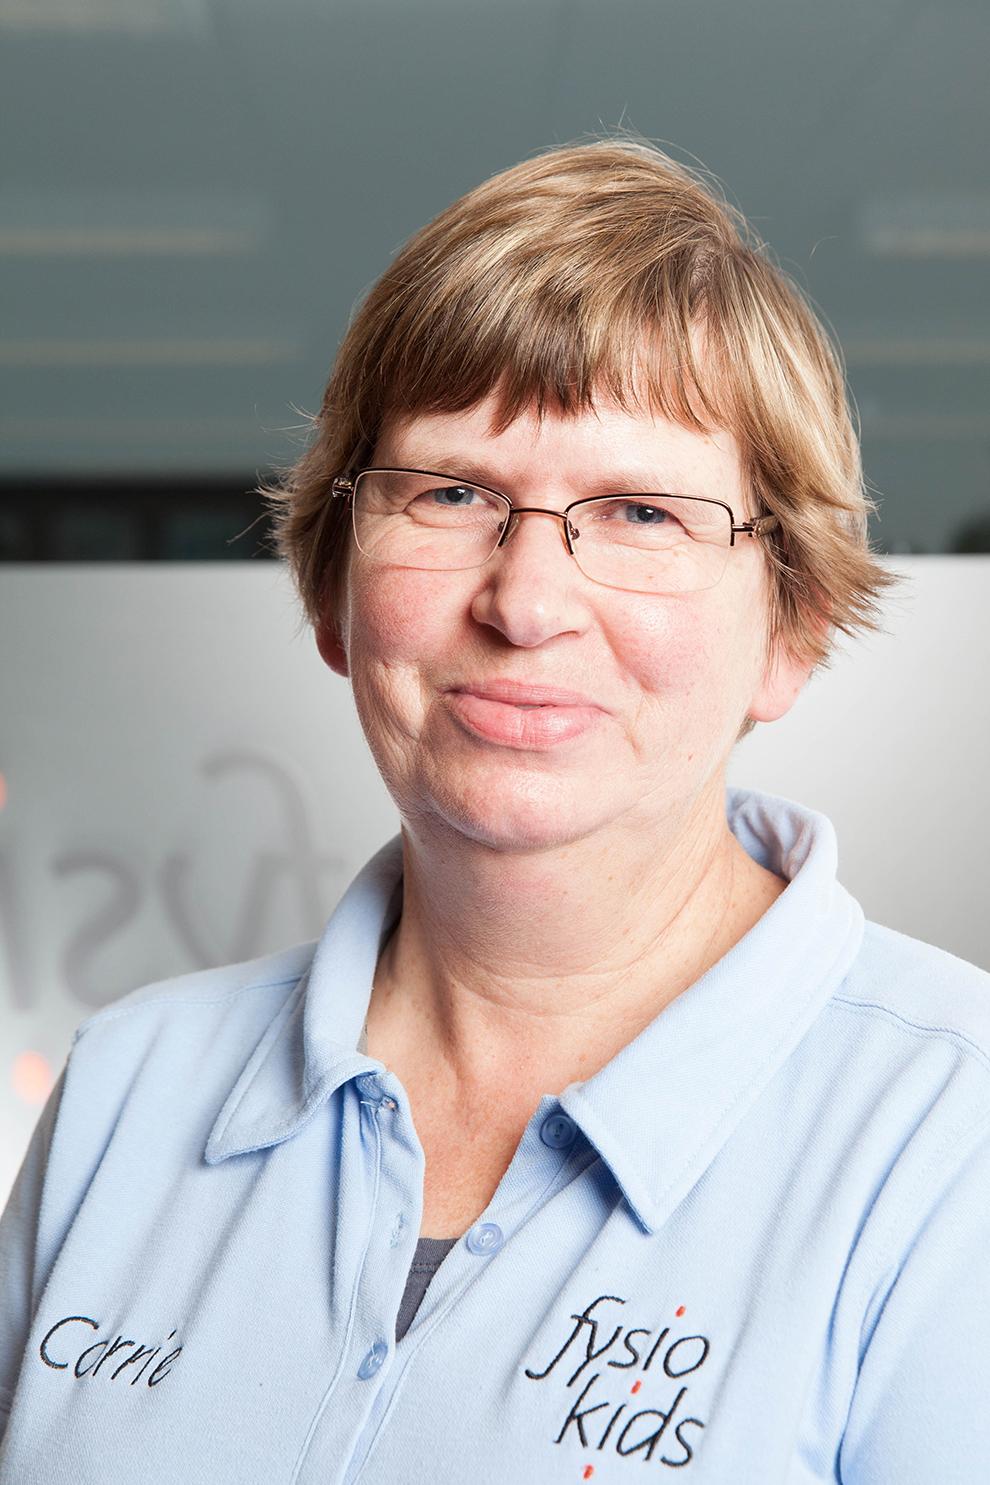 Corrie van Meurs : Huishoudelijk medewerkster